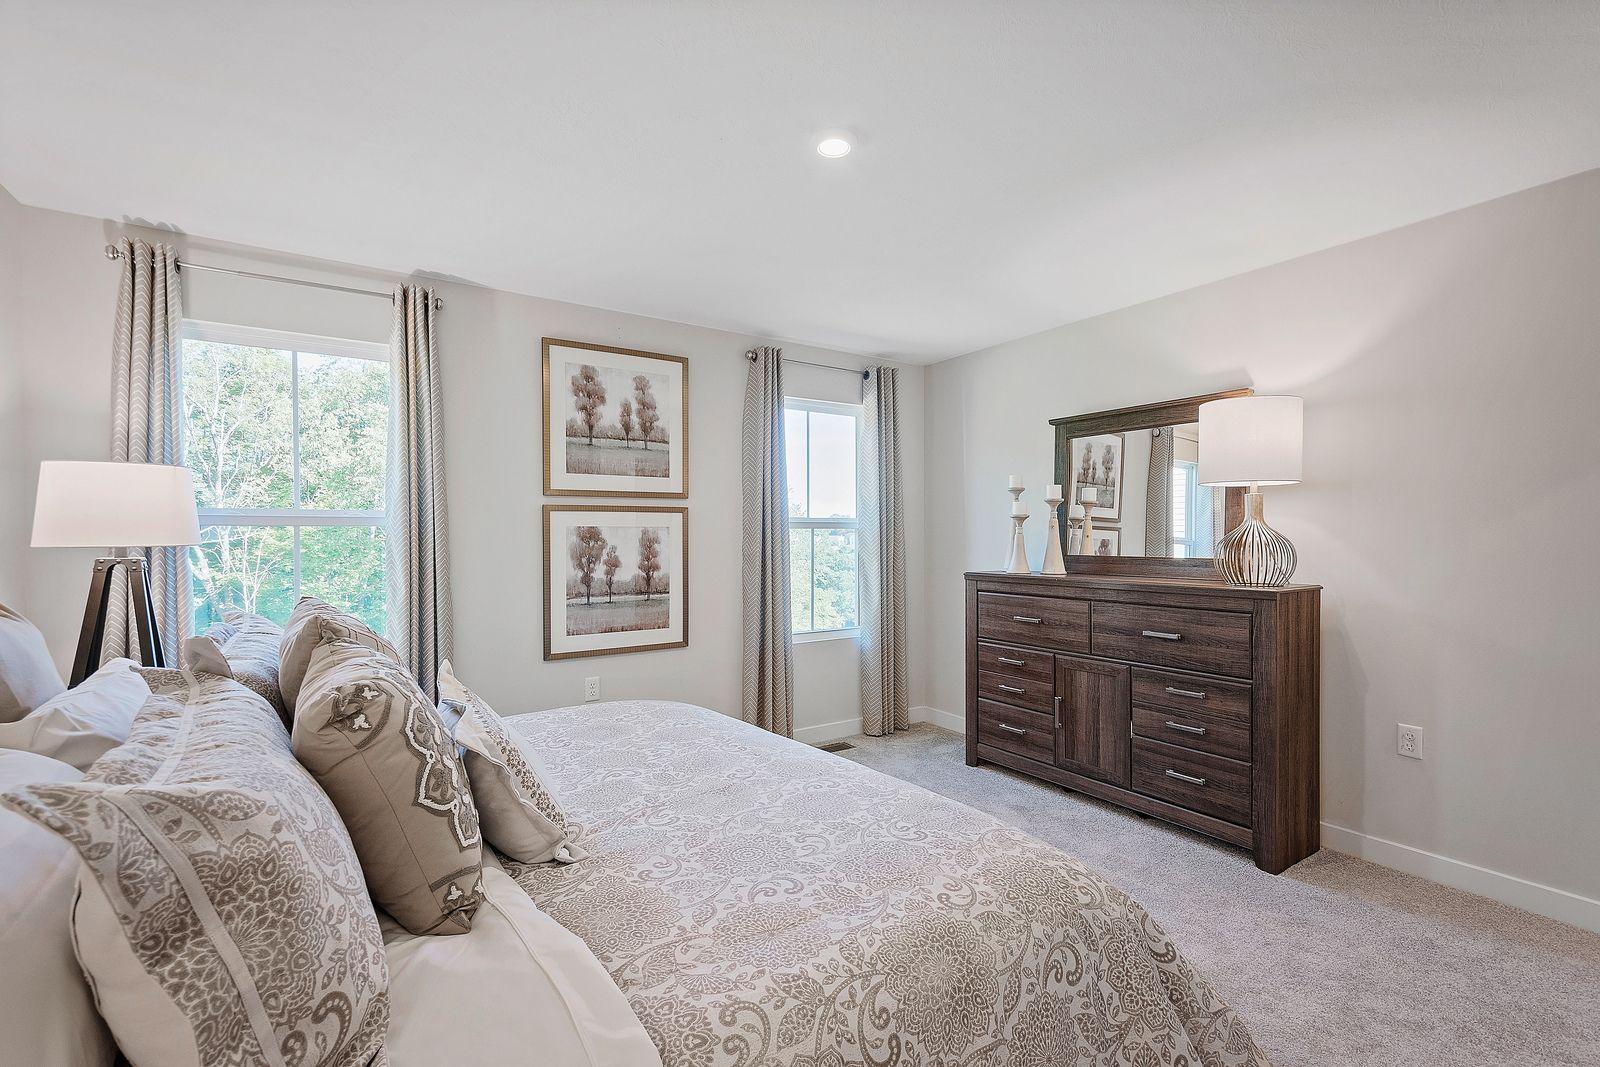 Bedroom featured in the Barbados Isle By Ryan Homes in Harrisonburg, VA